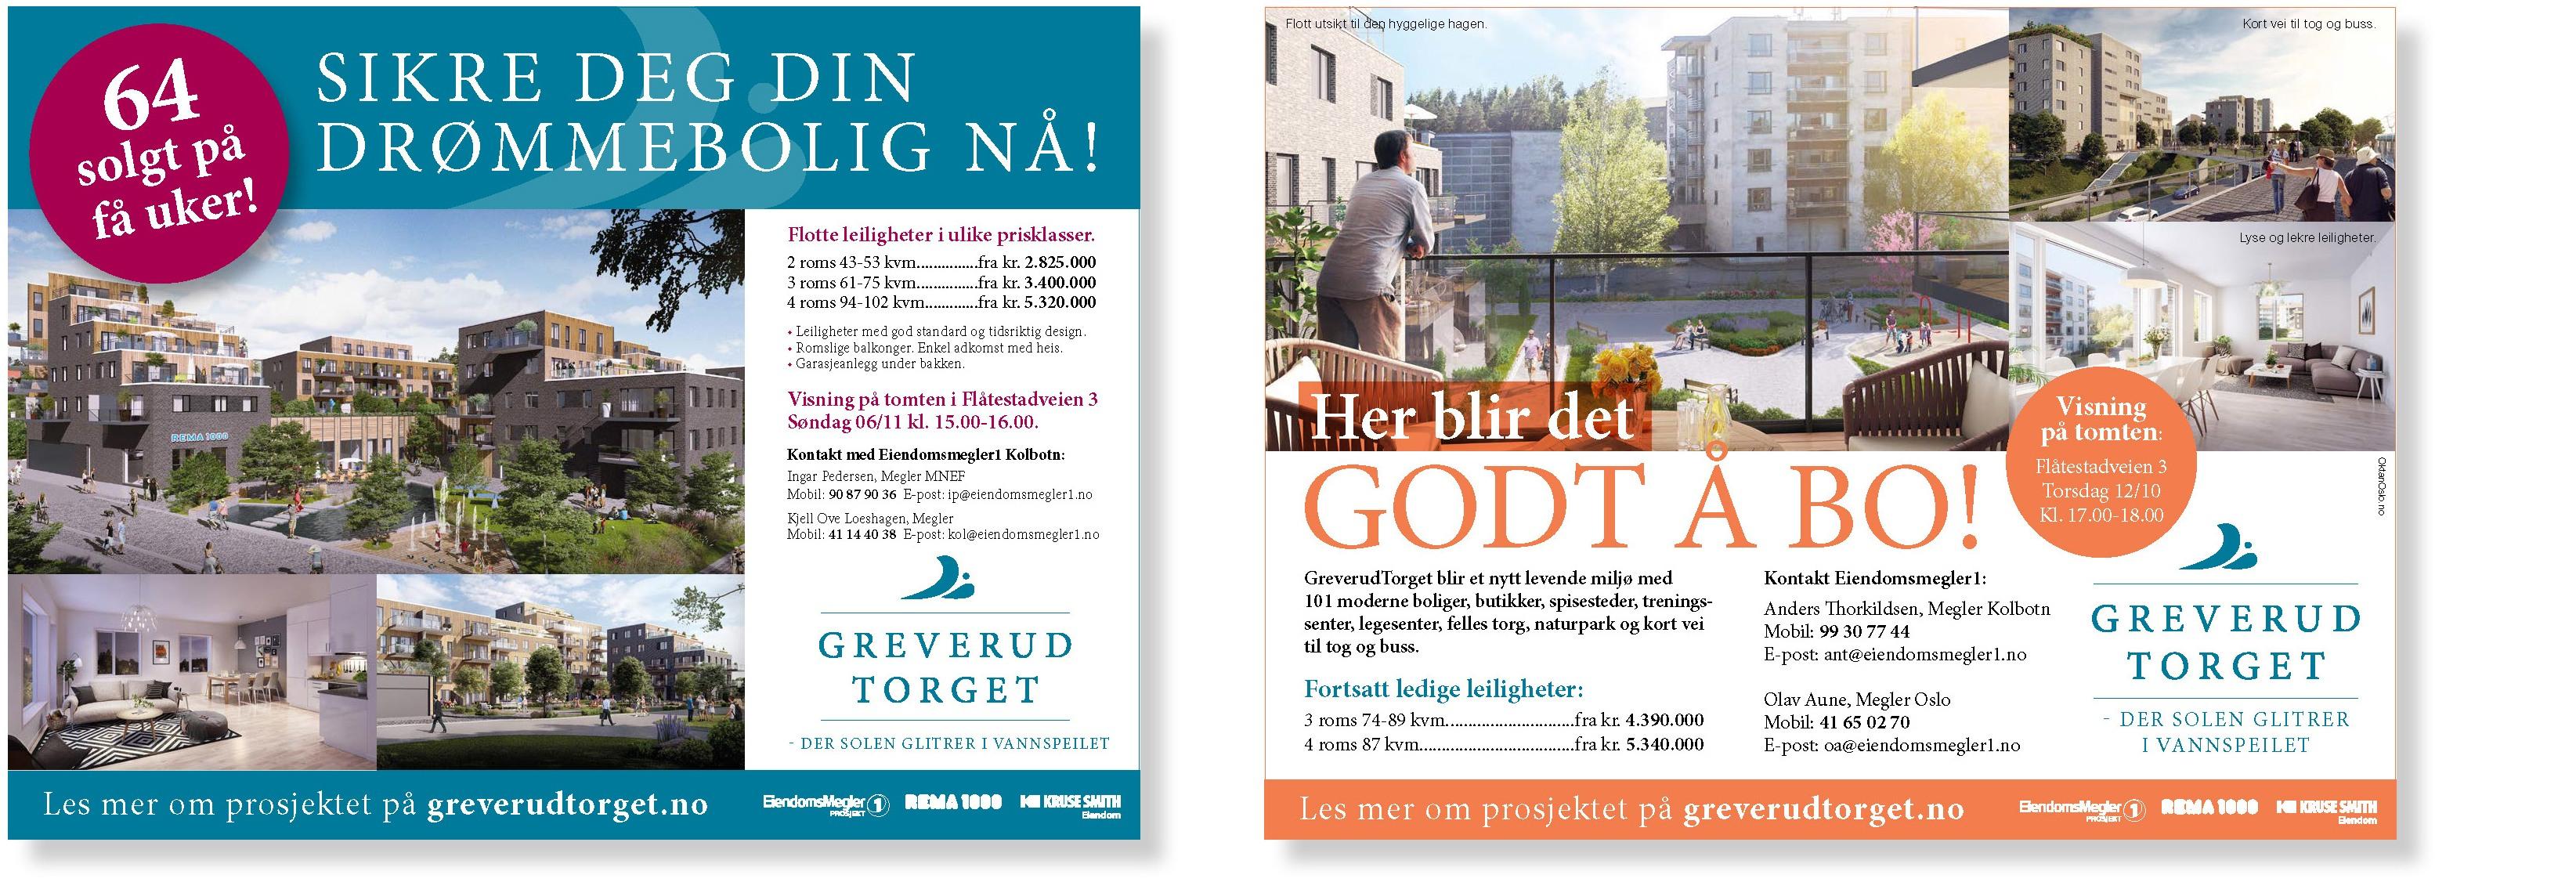 Annonser for GreverudTorget laget av Oktan Oslo